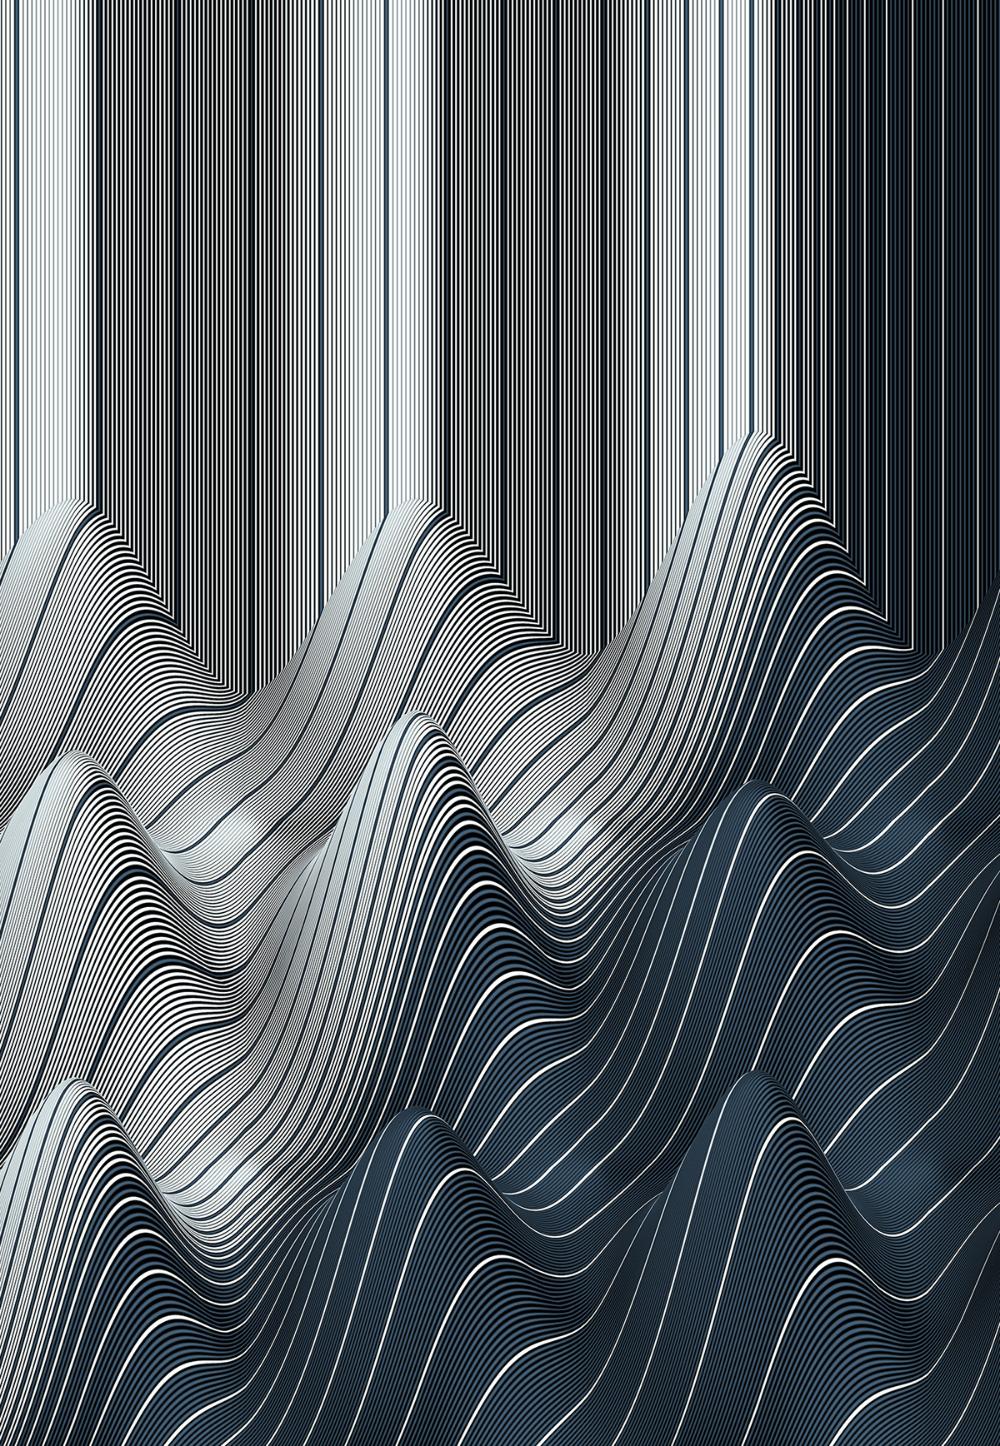 Behance Zoeken Wave illustration, Vector artwork